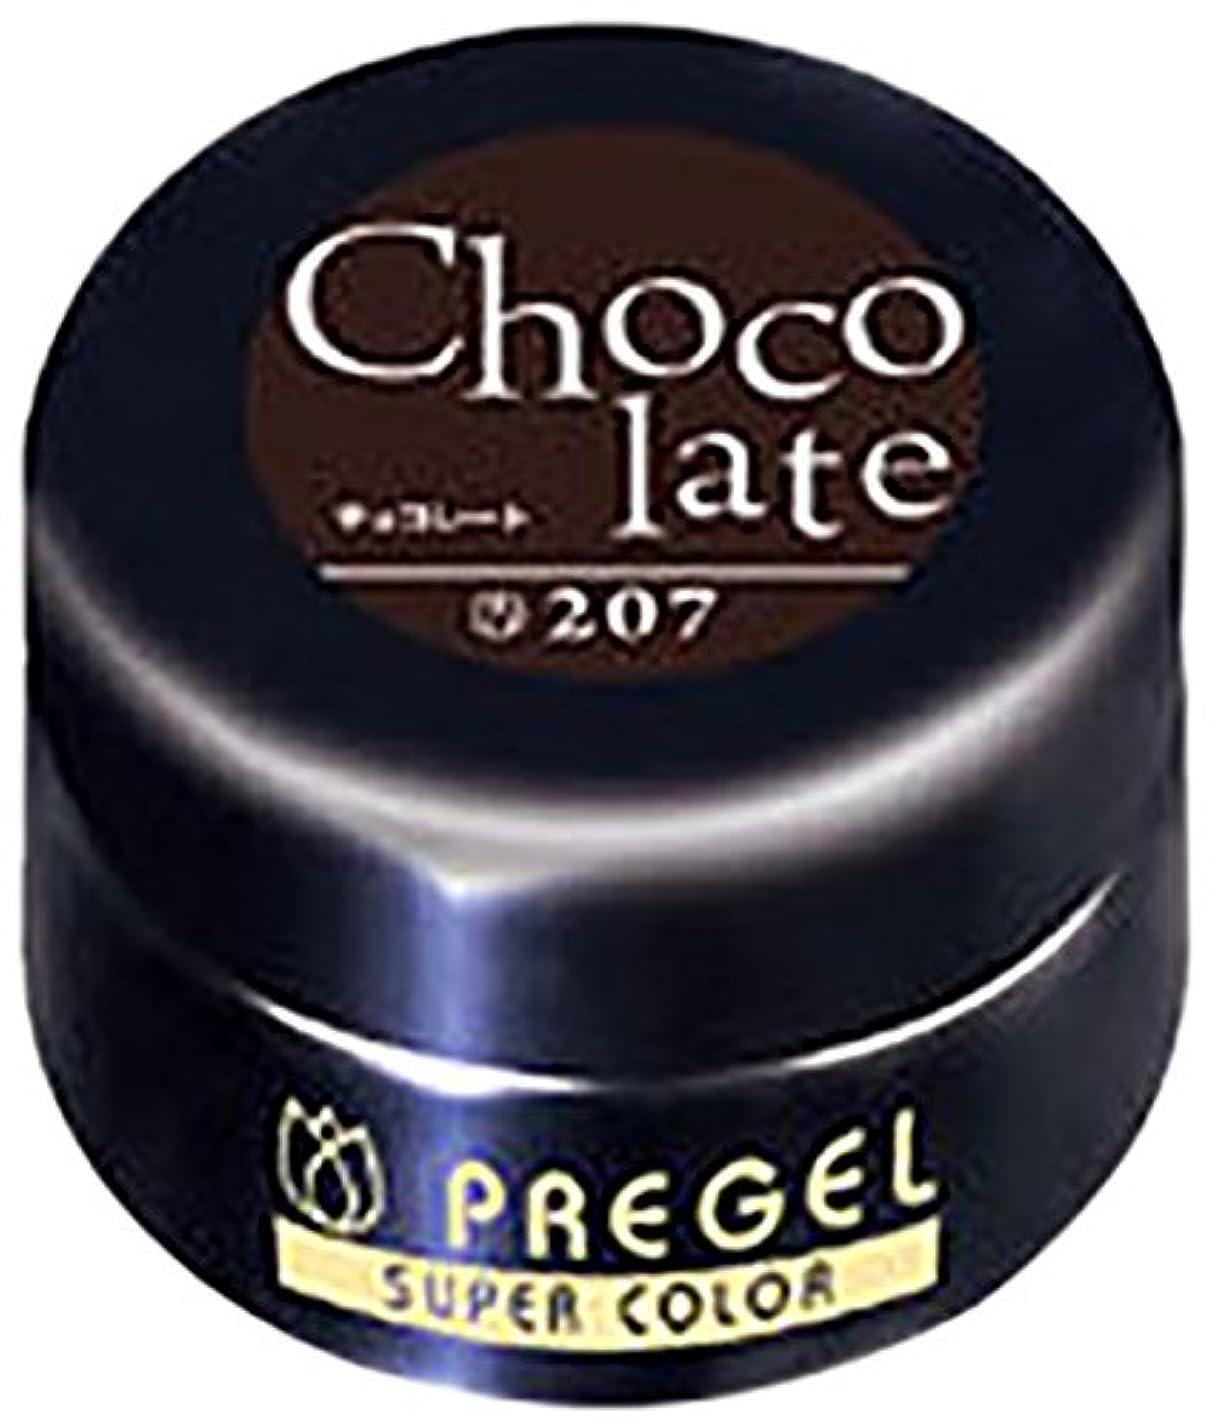 。怠な州プリジェル ジェルネイル スーパーカラーEX チョコレート 4g PG-SE207